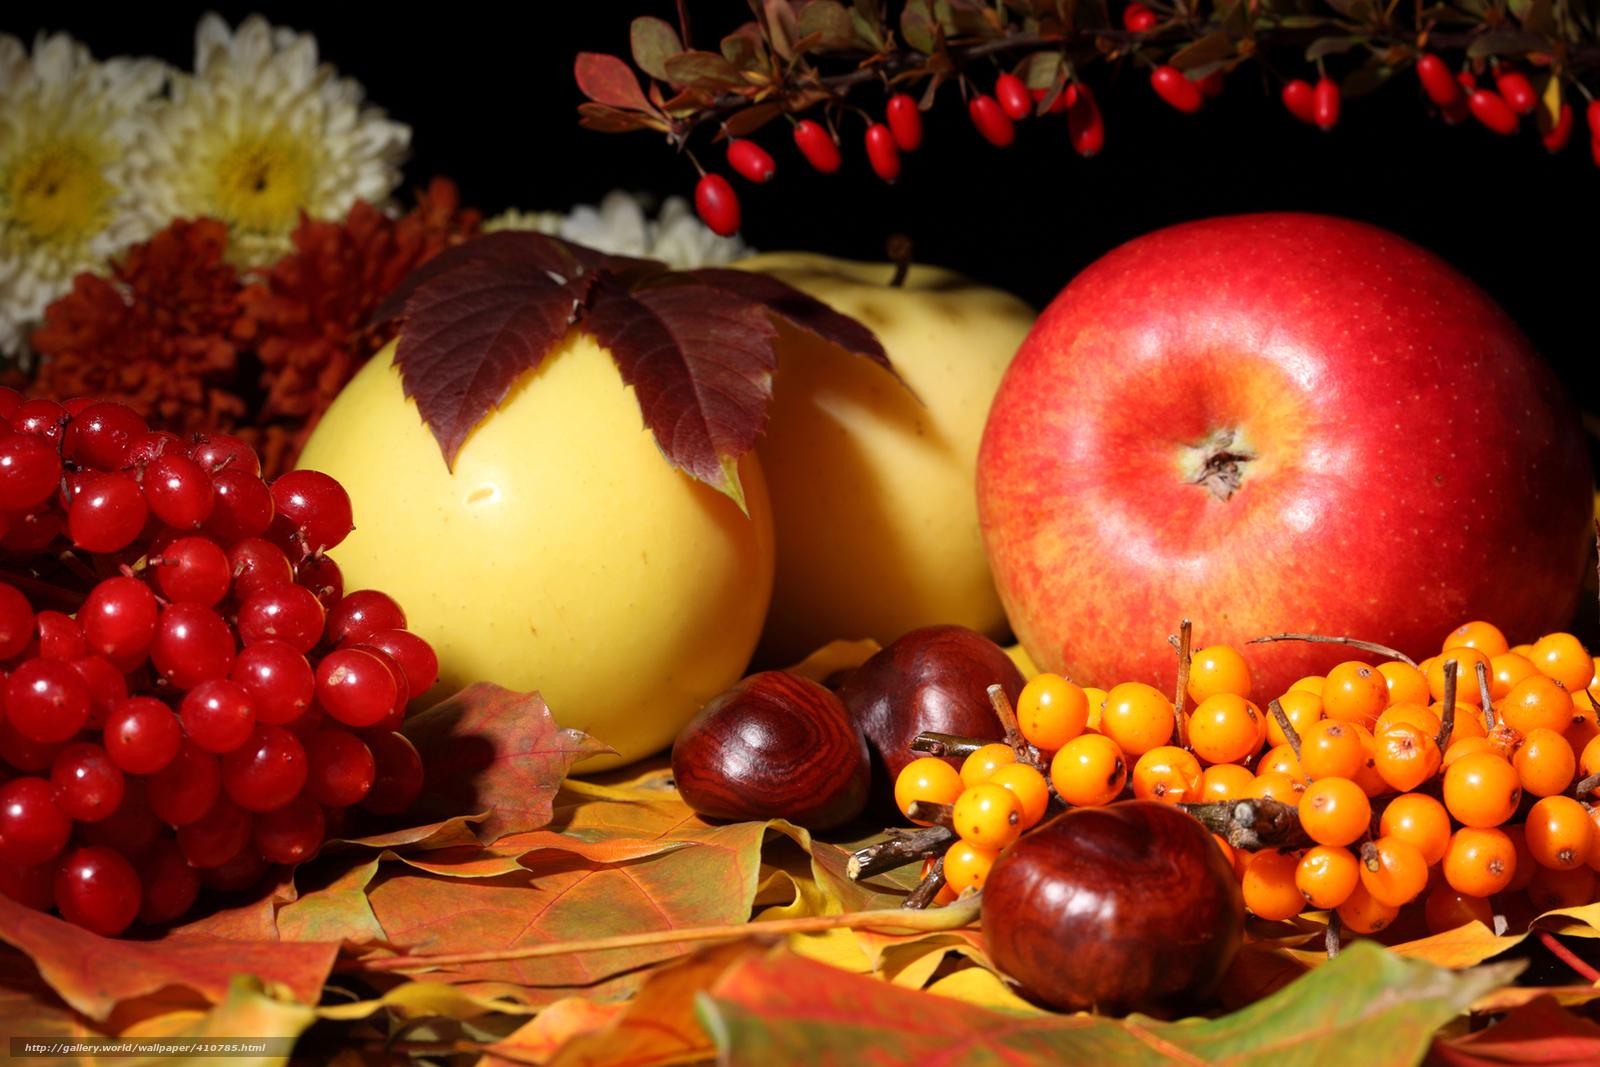 Tlcharger Fond d'ecran pommes,  Fleurs,  feuillage,  viorne Fonds d'ecran gratuits pour votre rsolution du bureau 4500x3000 — image №410785